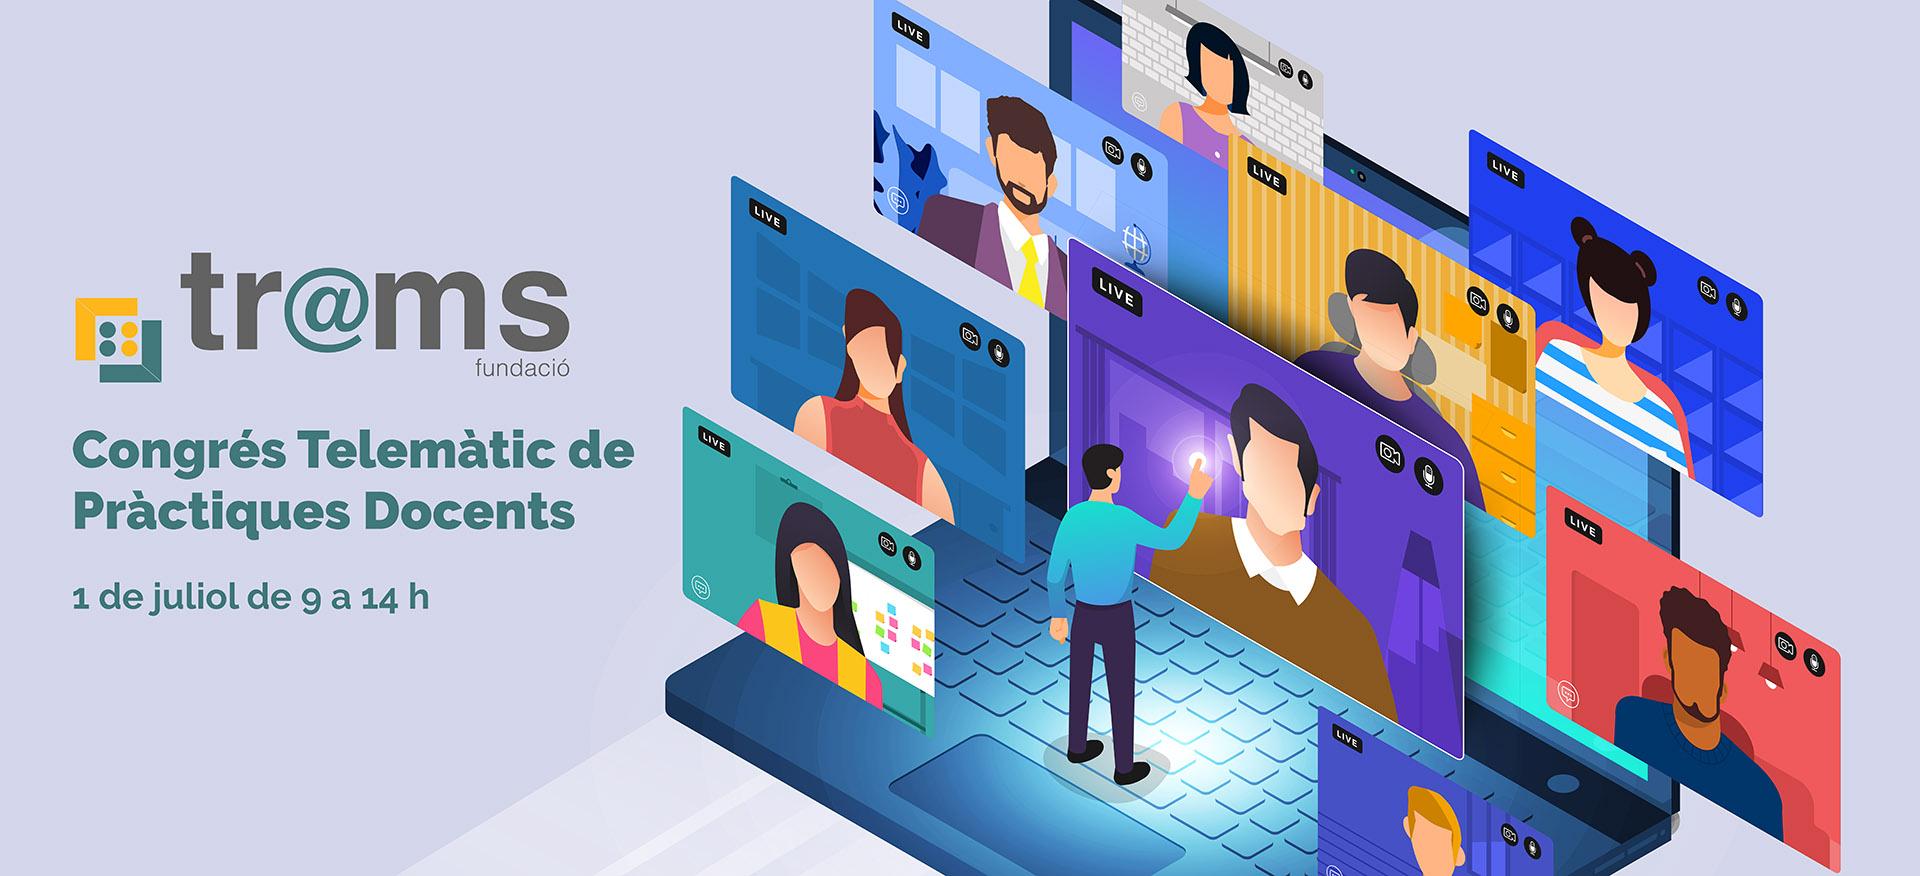 Fundació Tr@ms celebra el Congrés Telemàtic de Pràctiques Docents de referència